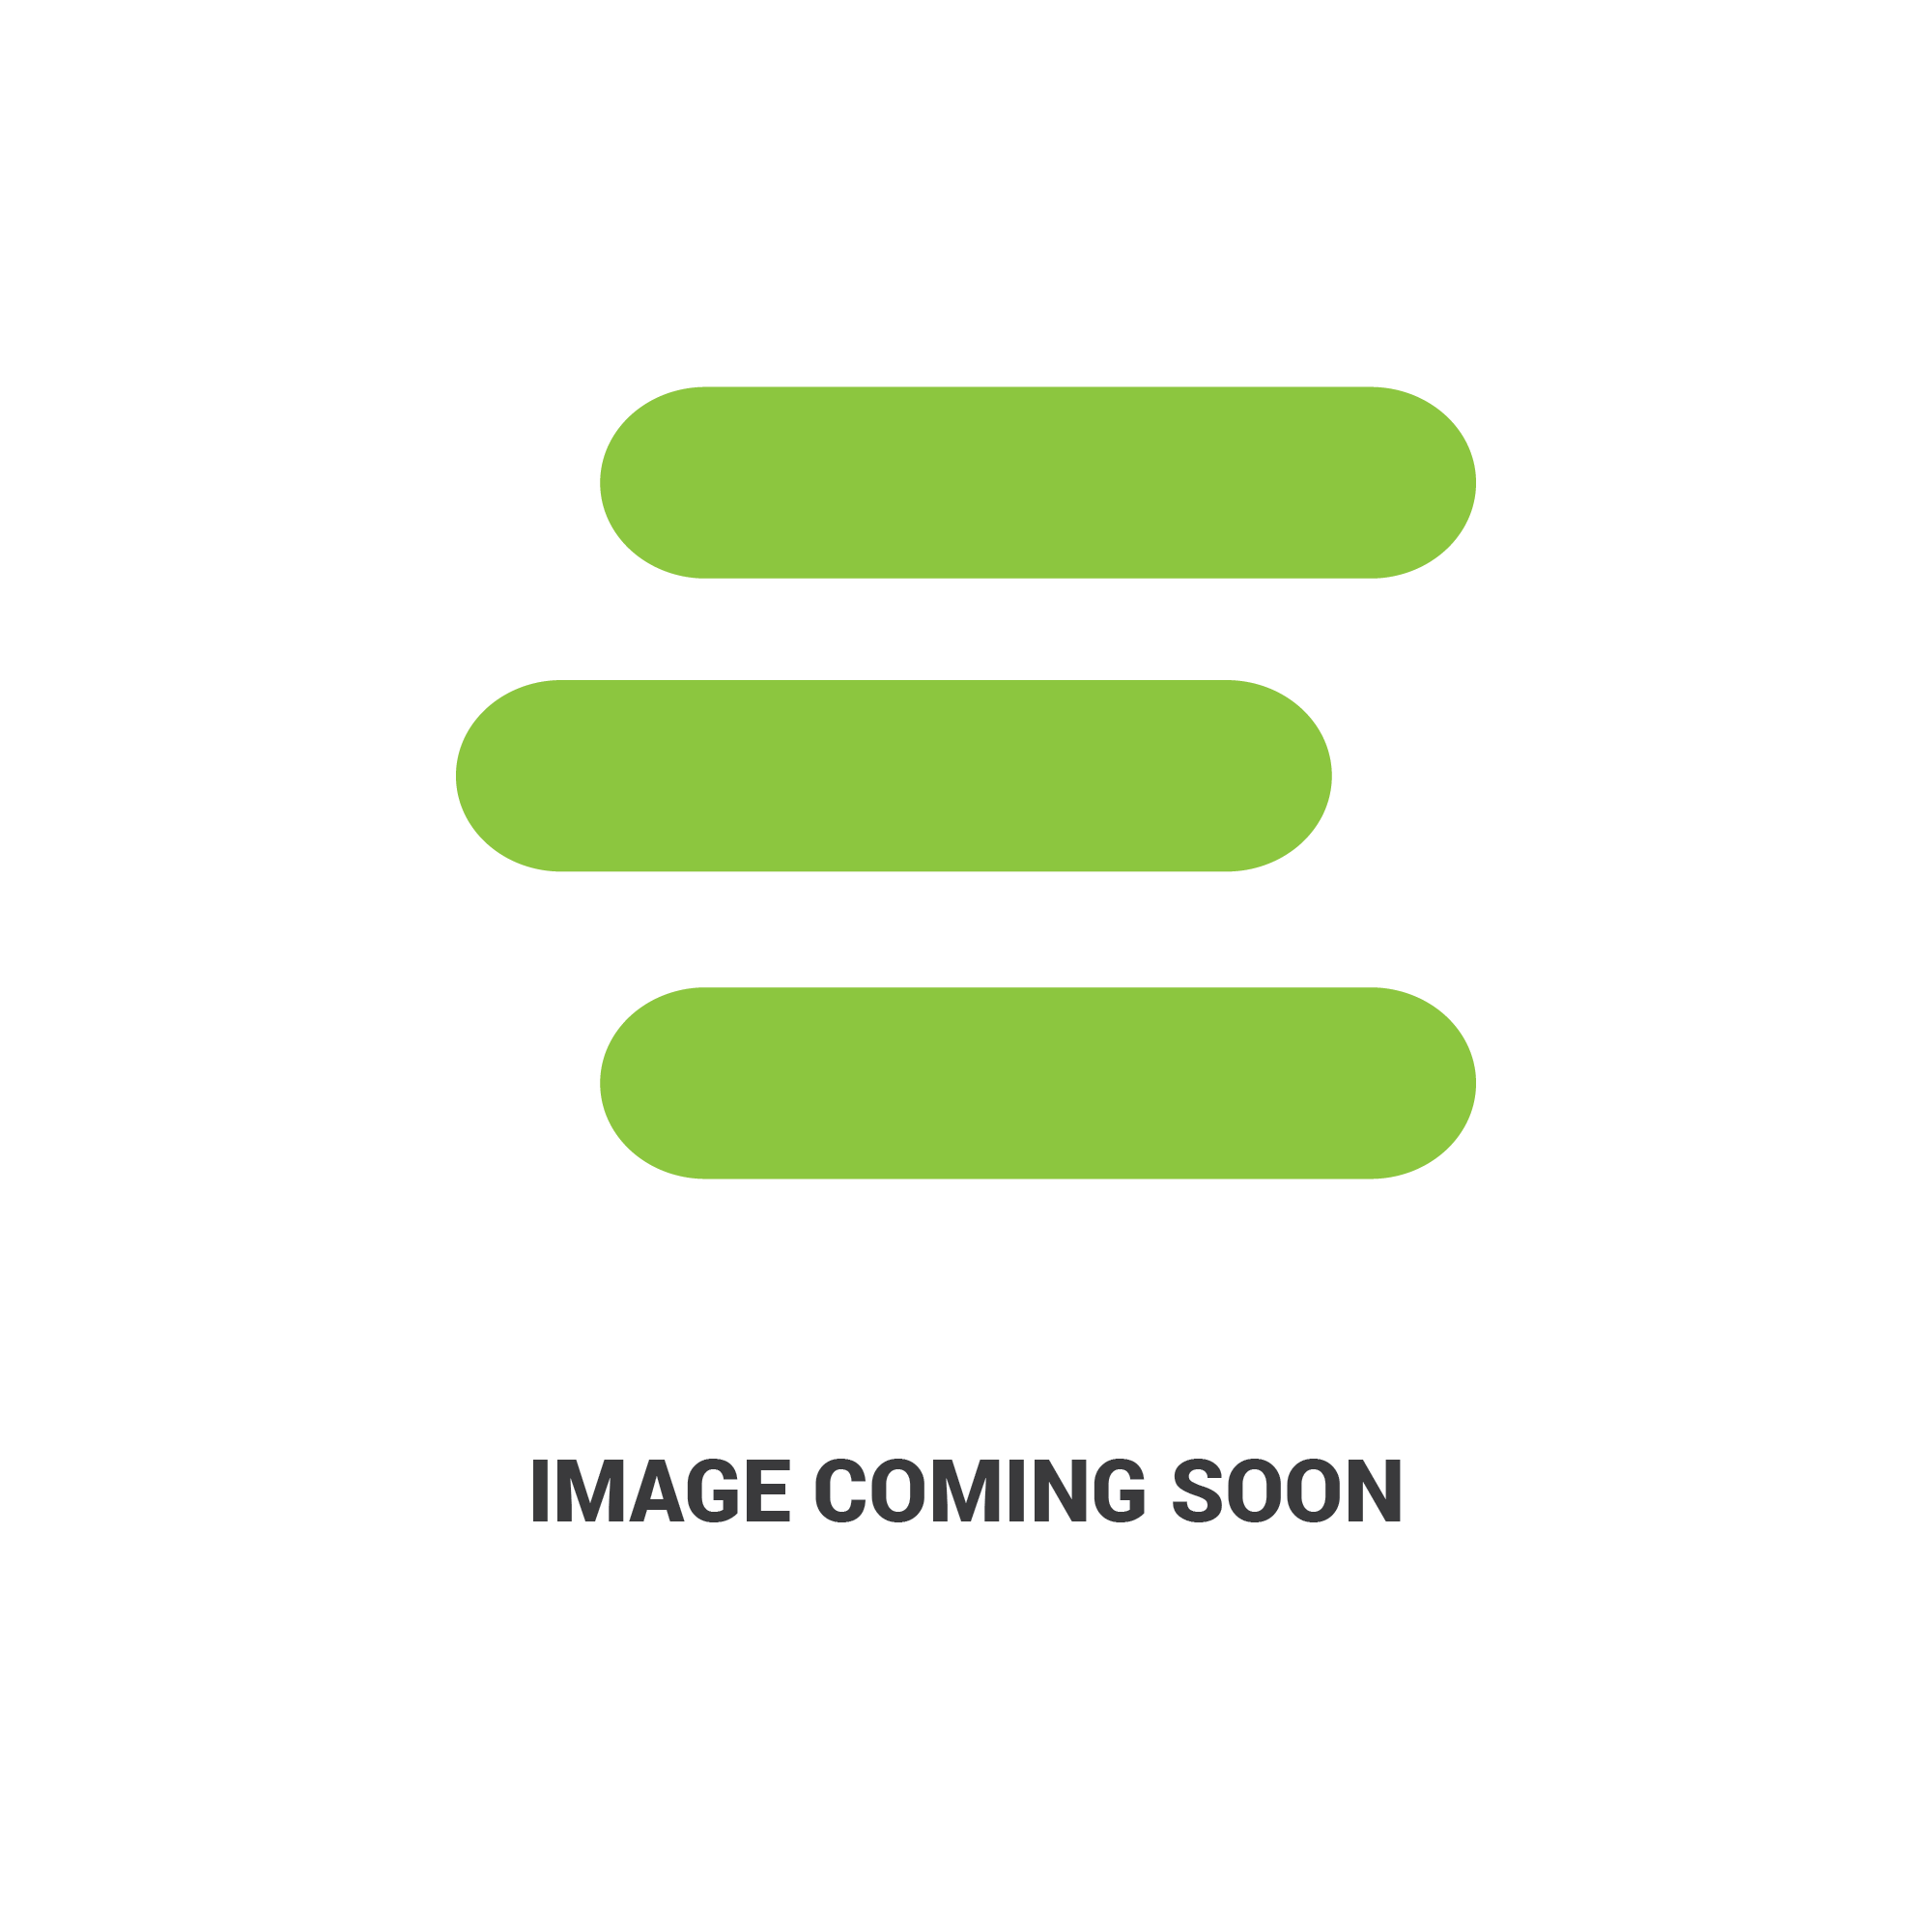 E-R198624edit 1142.jpg